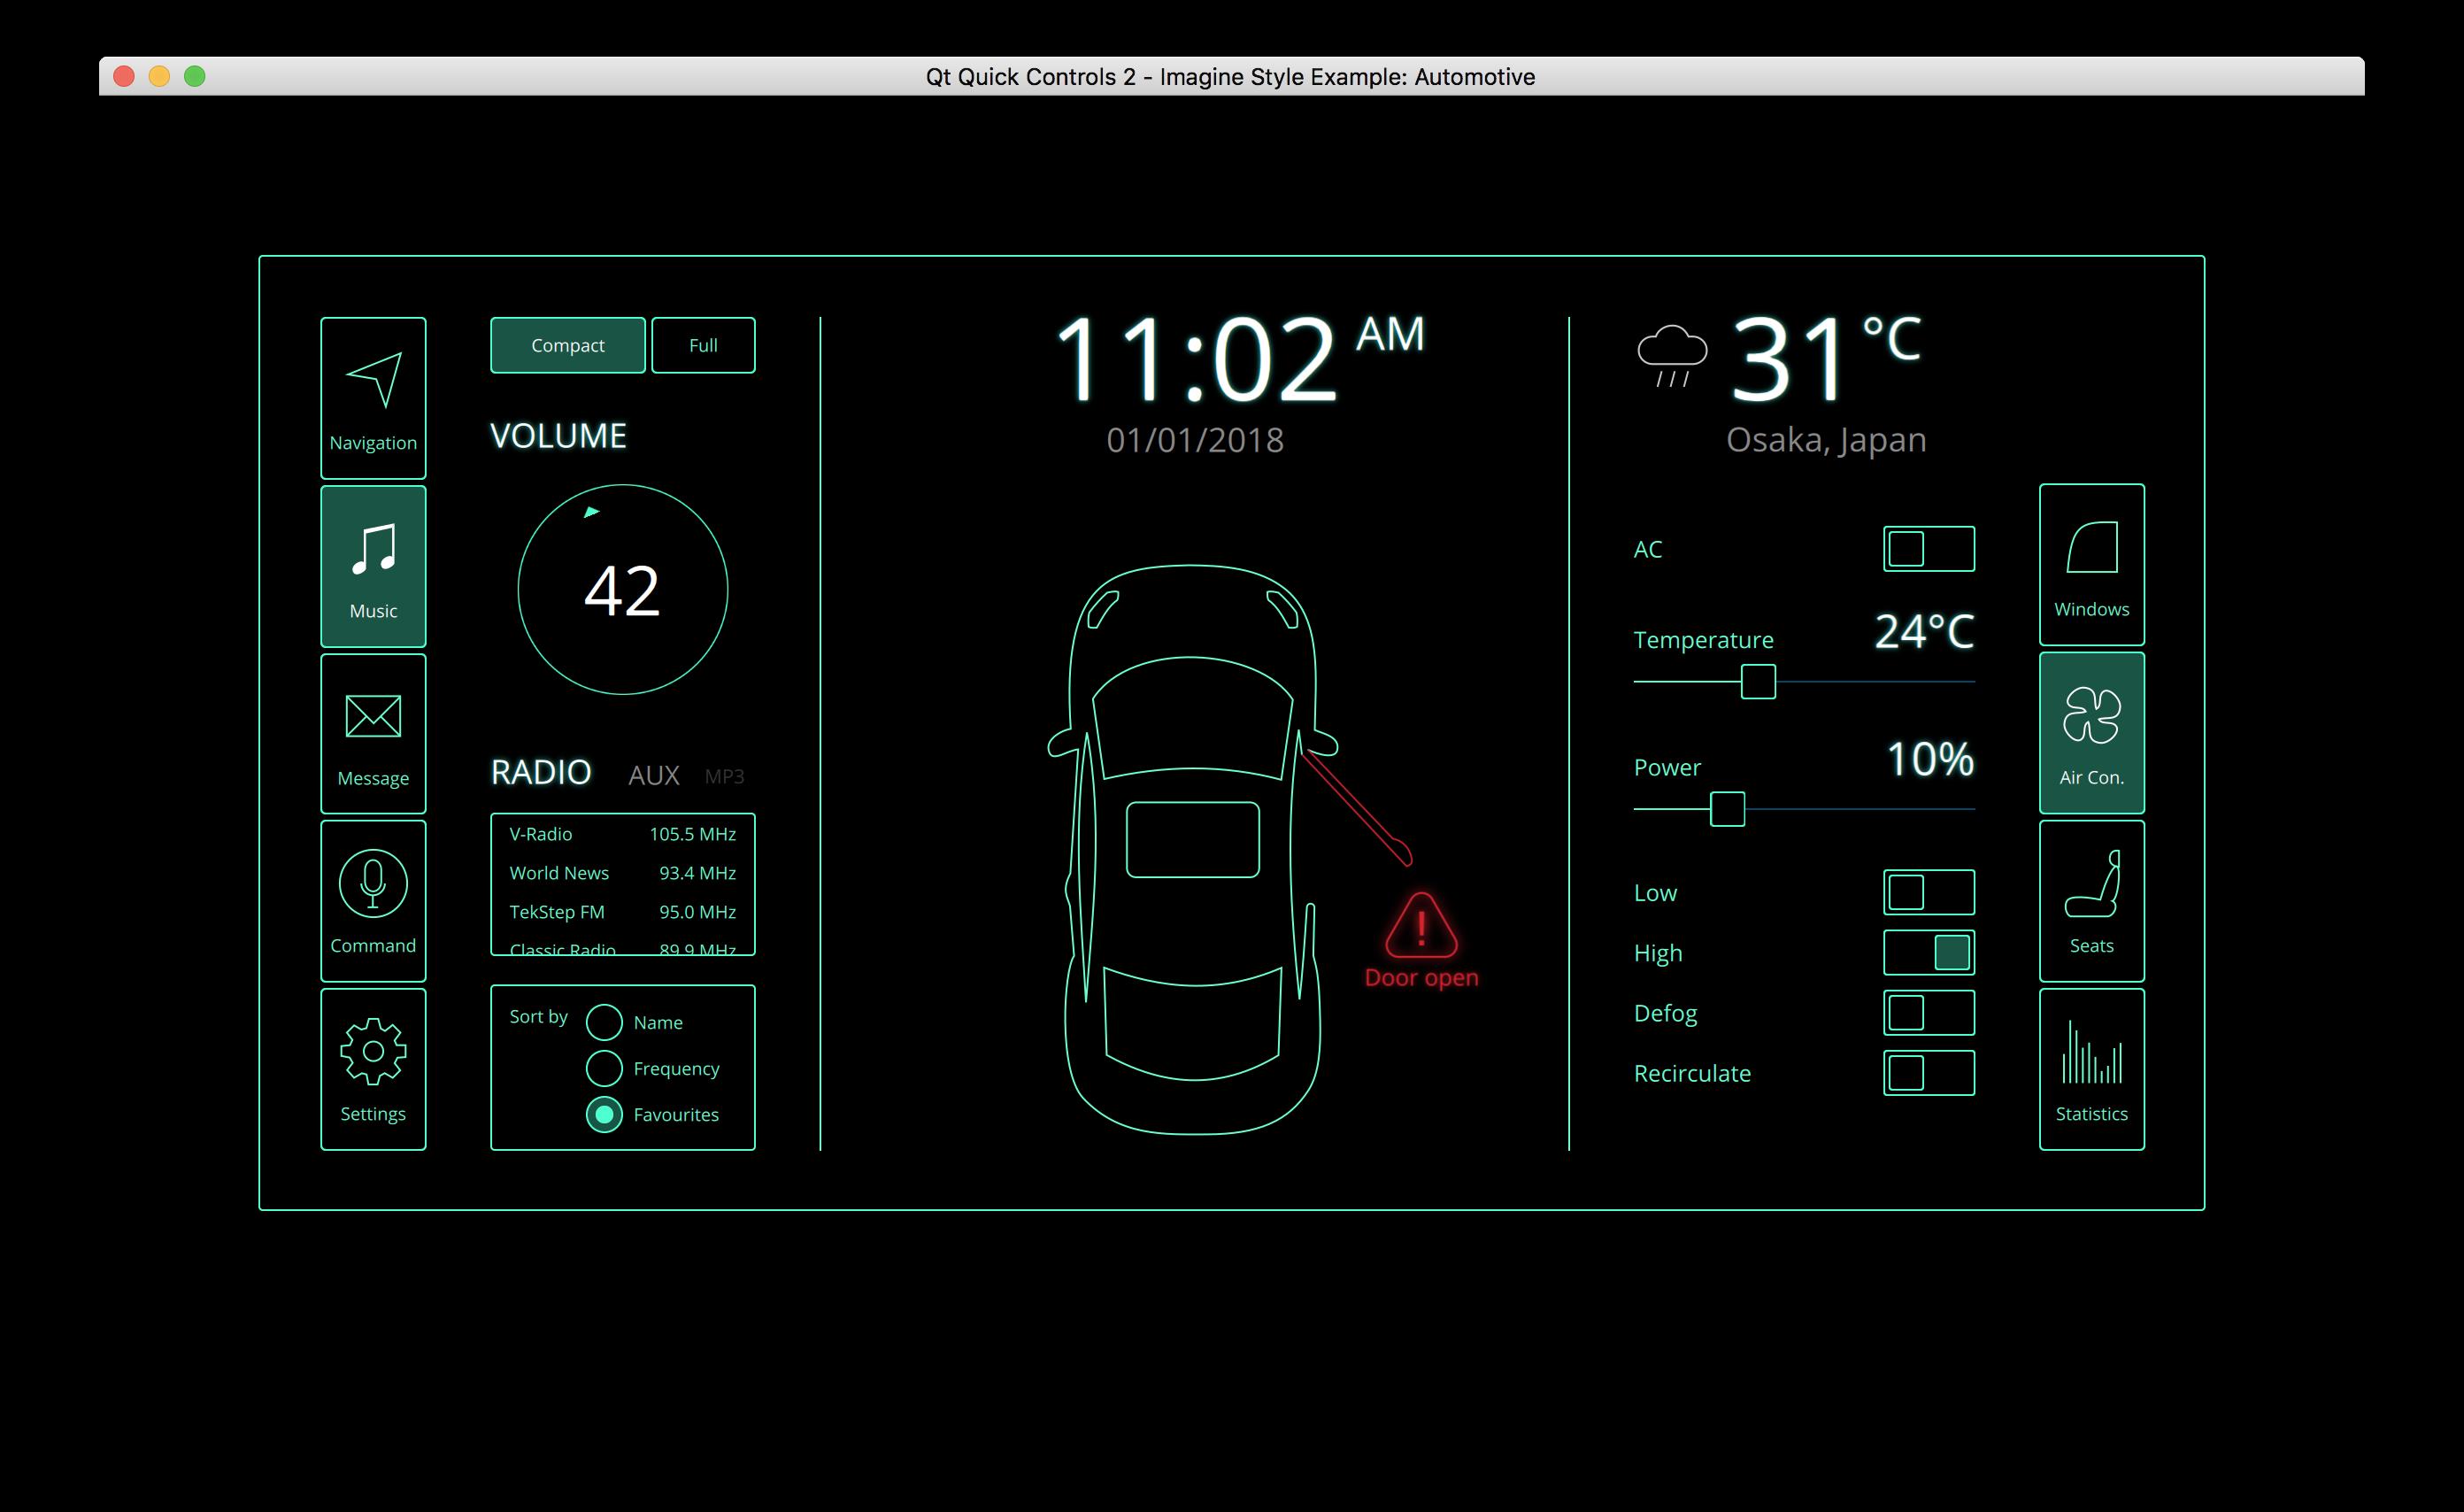 Qt Quick Controls 2 - Imagine Style Example: Automotive